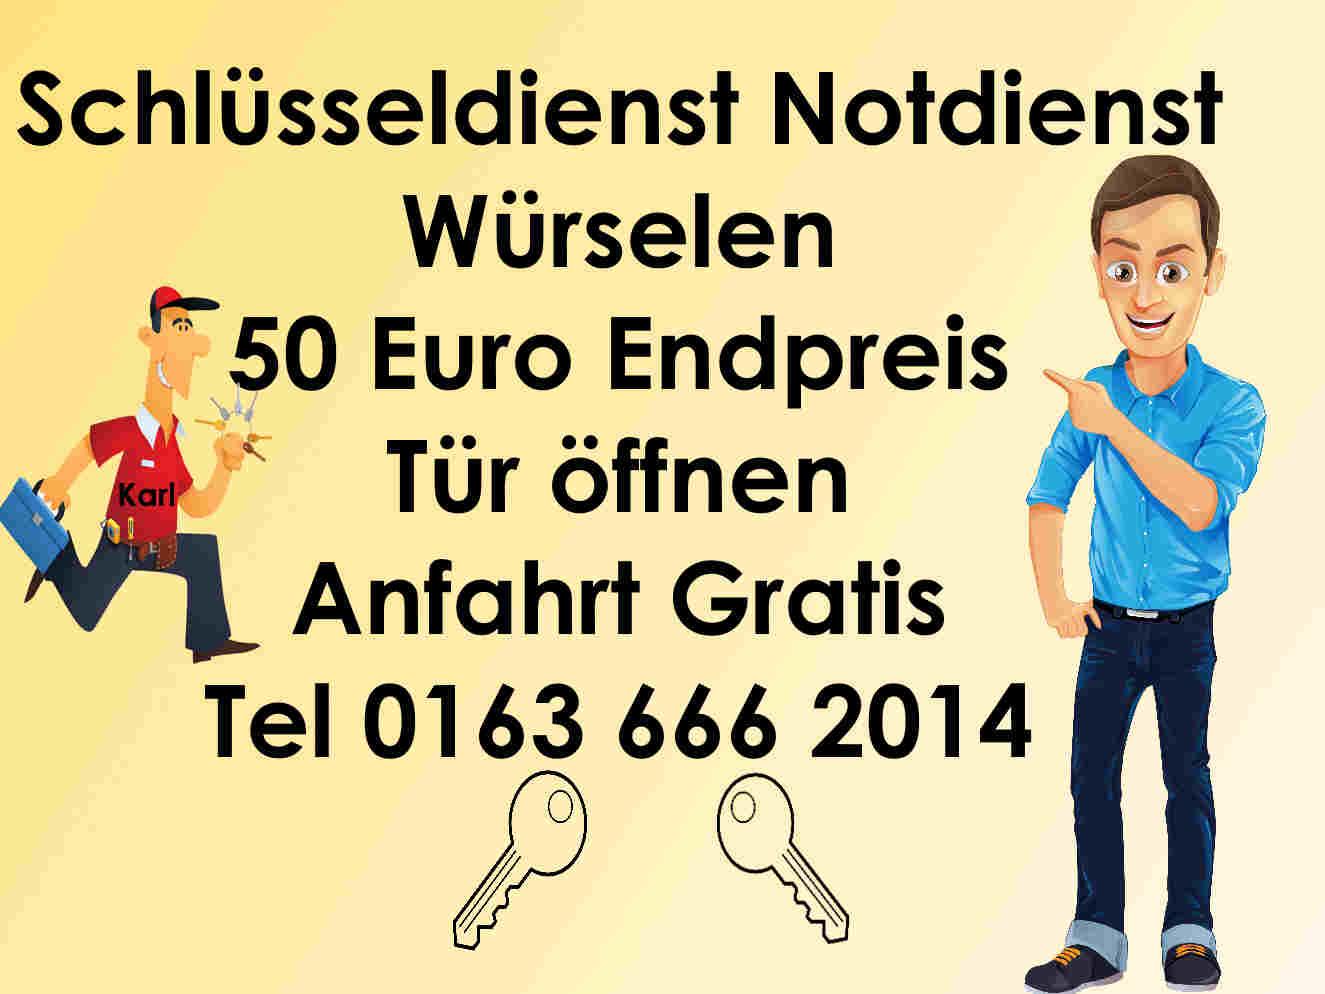 Schlüsseldienst Notdienst Würselen 50 Euro